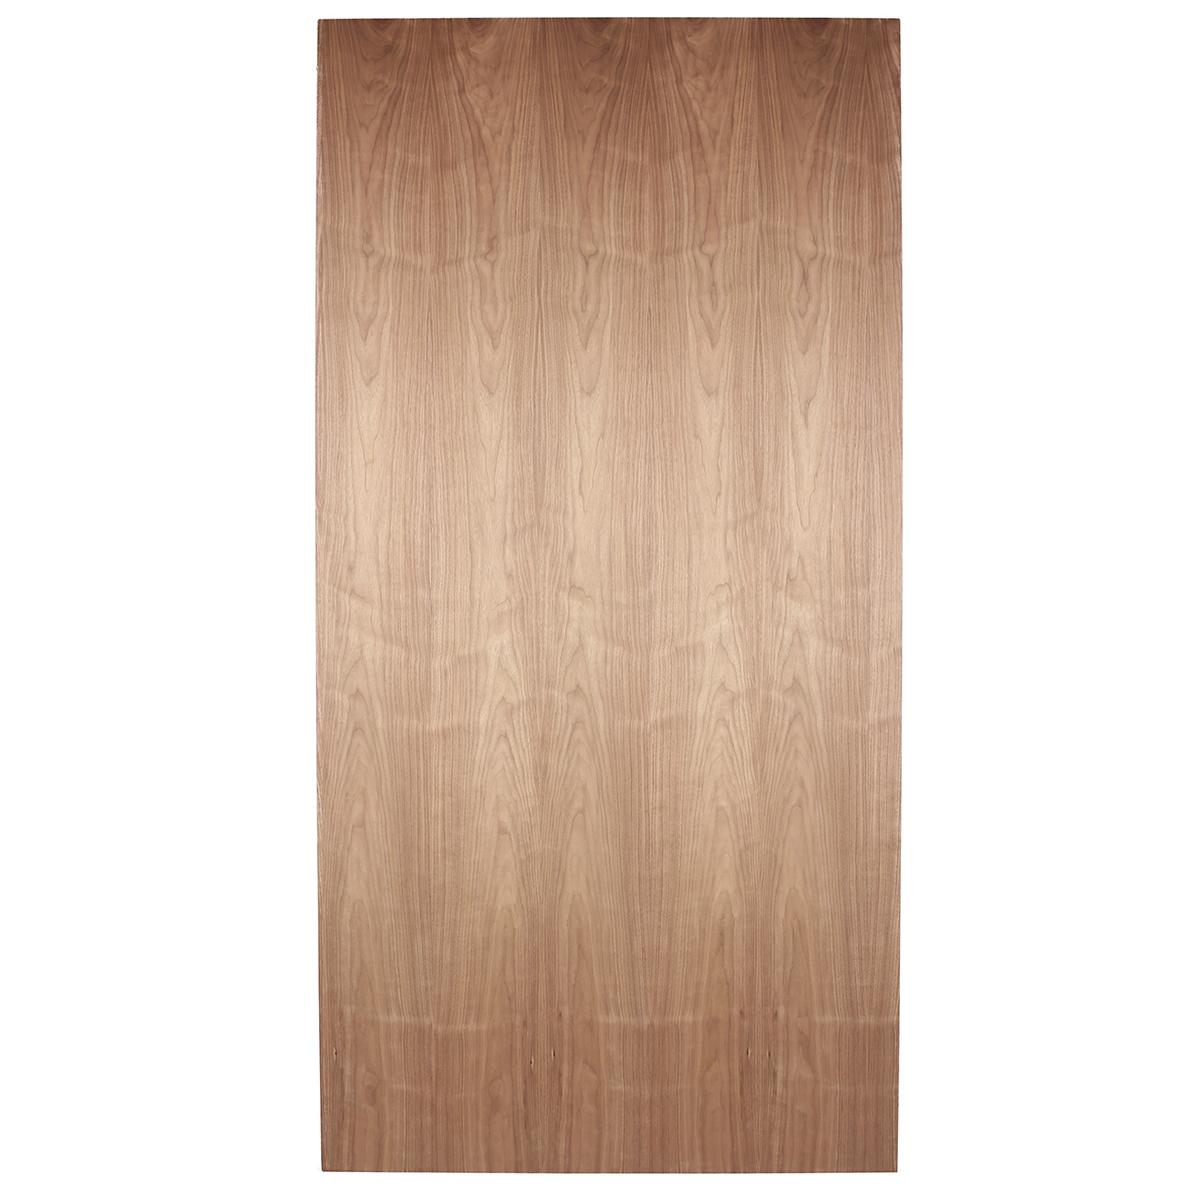 """3/4"""" Walnut 4'x8' Plywood G2S"""